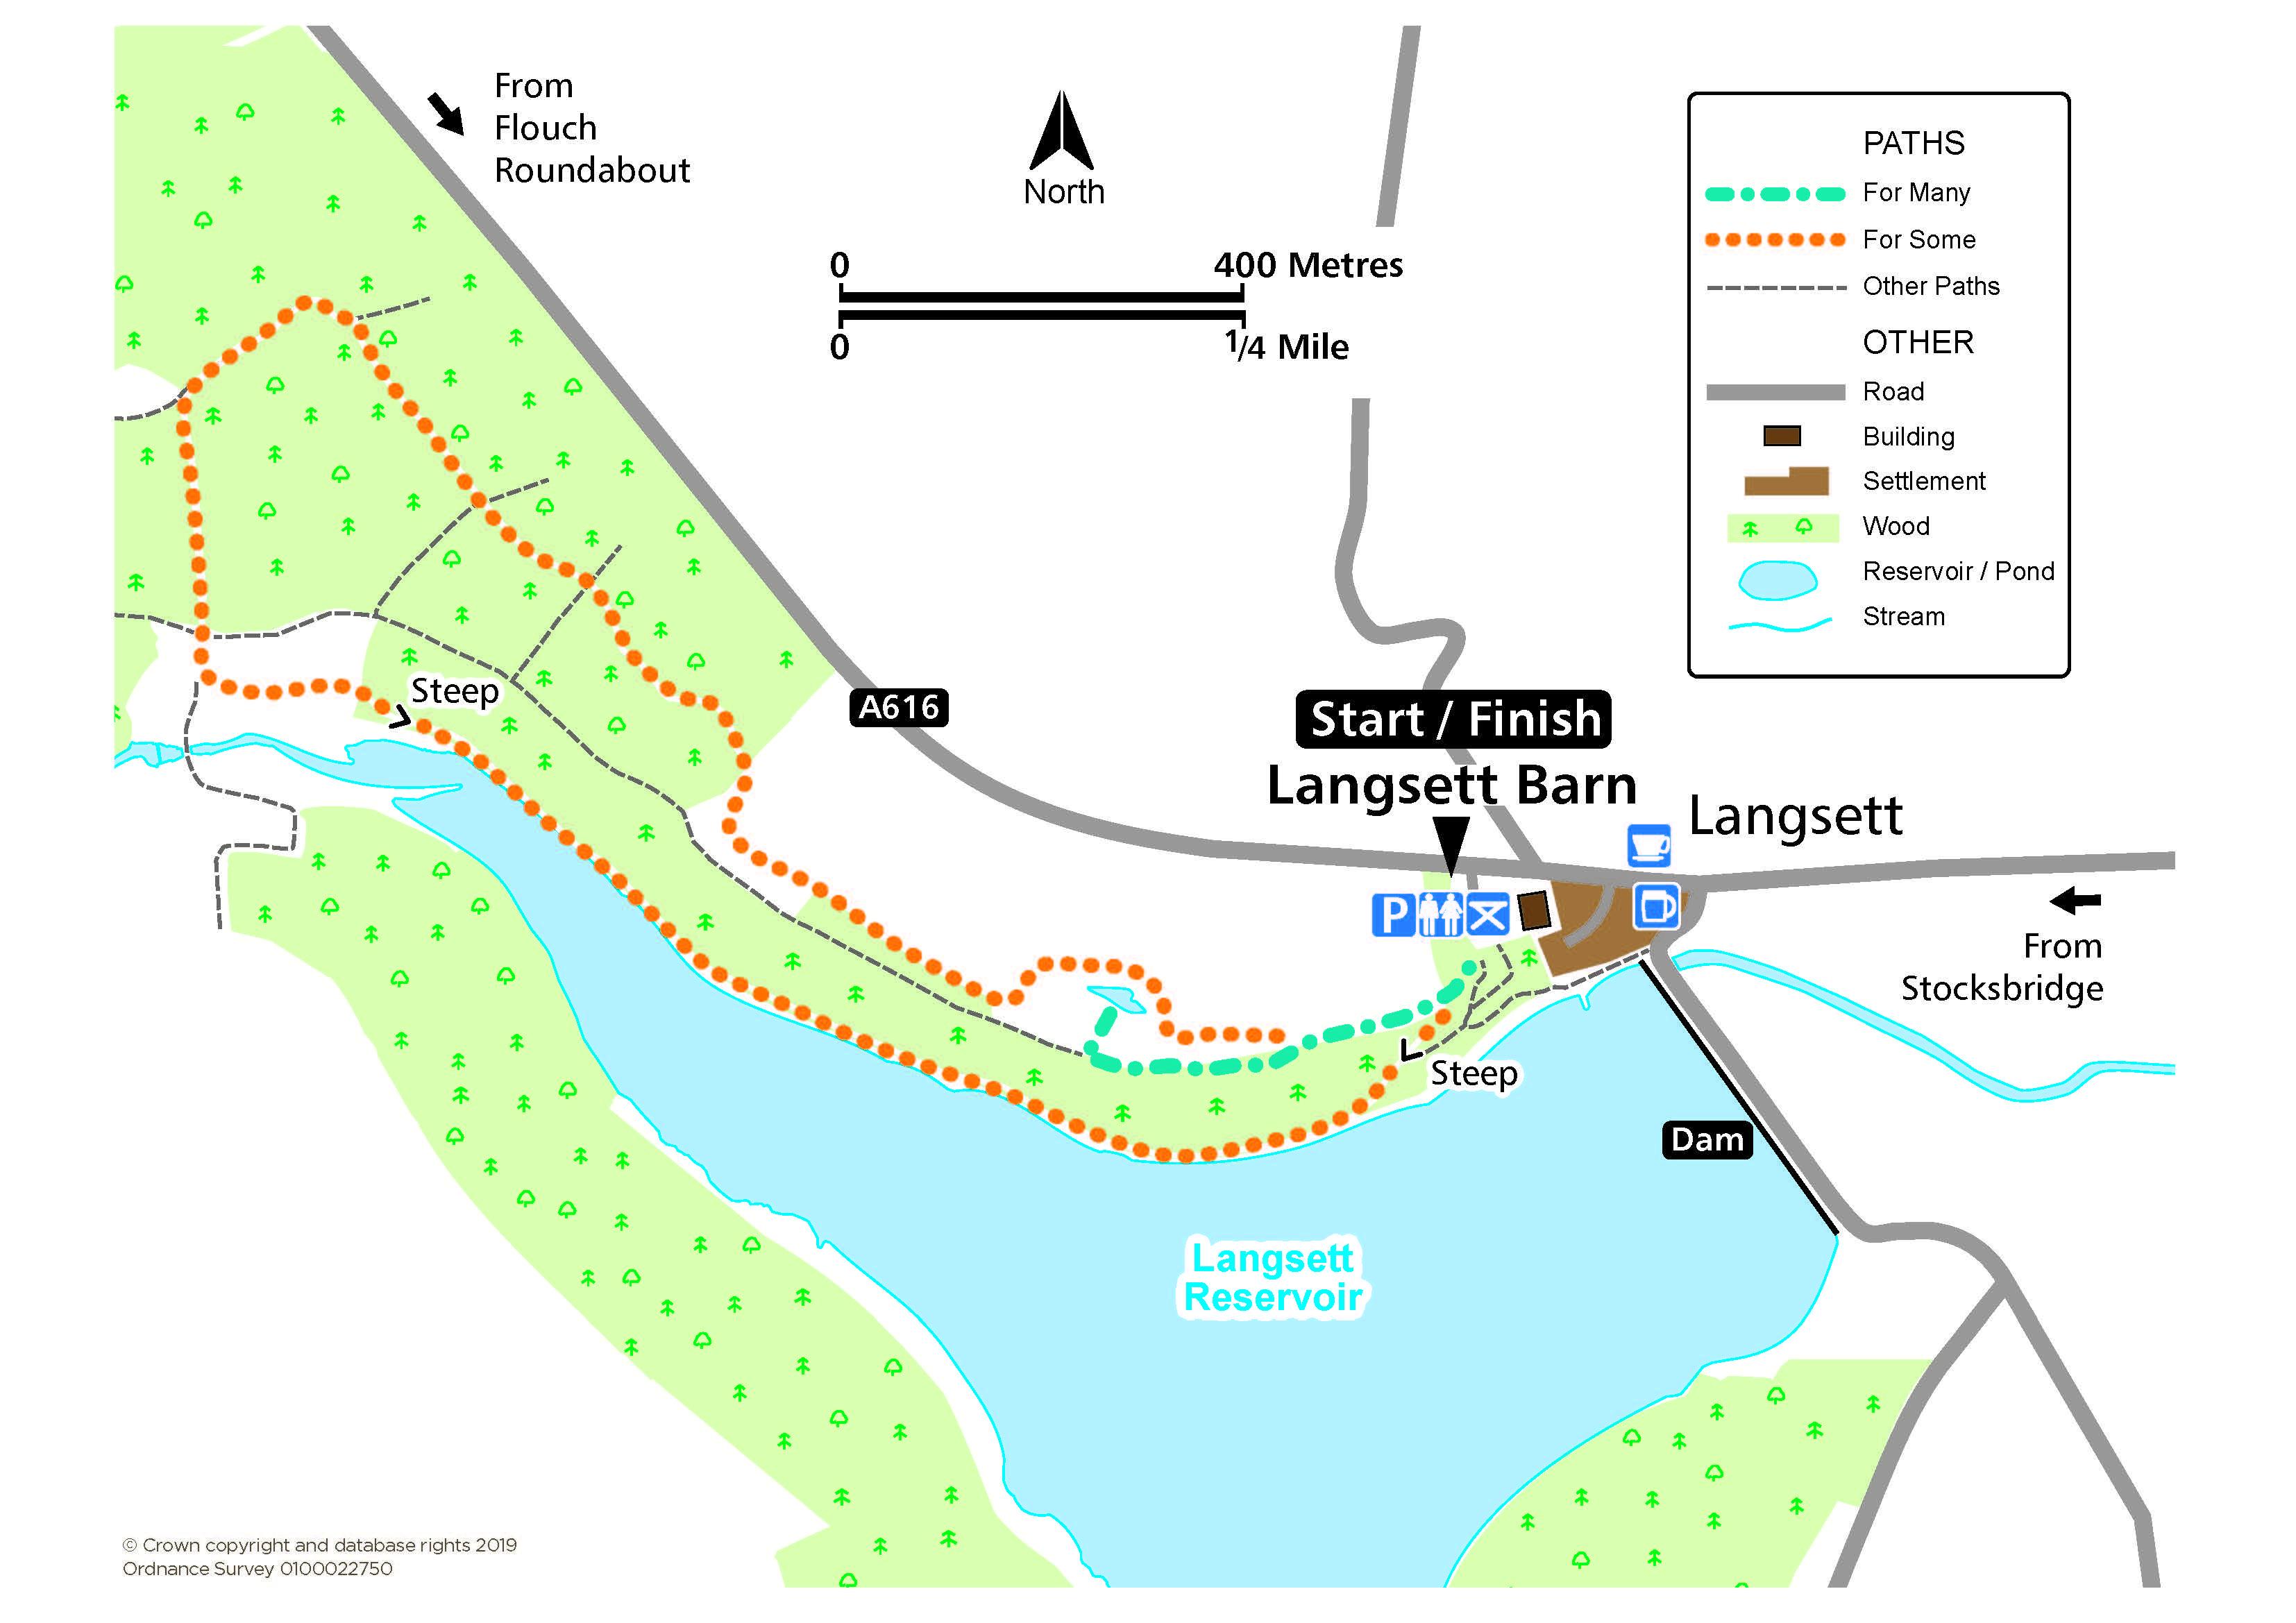 Langsett route